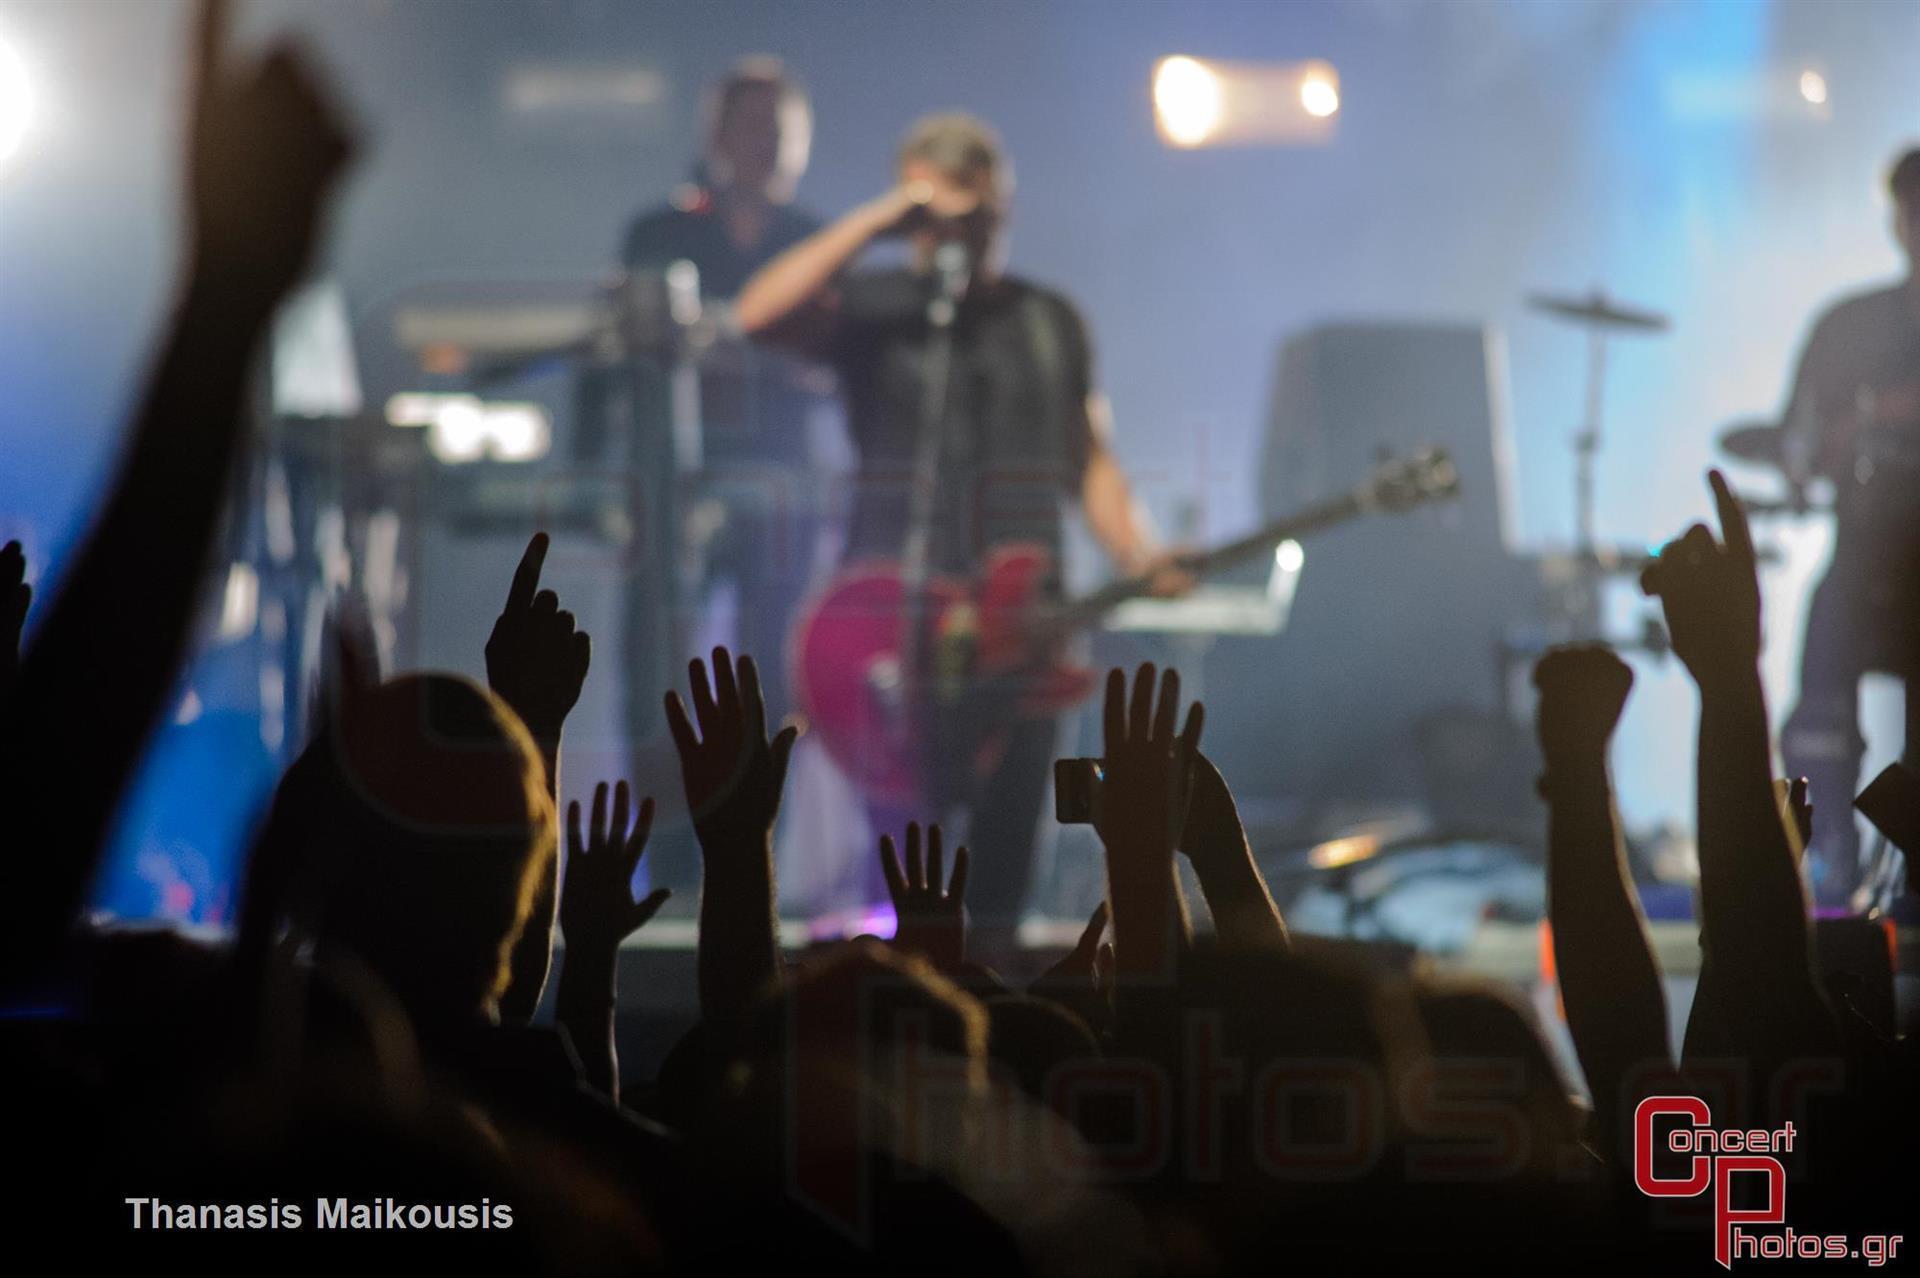 Peter Hook & The Light - photographer: Thanasis Maikousis - concertphotos_-9515